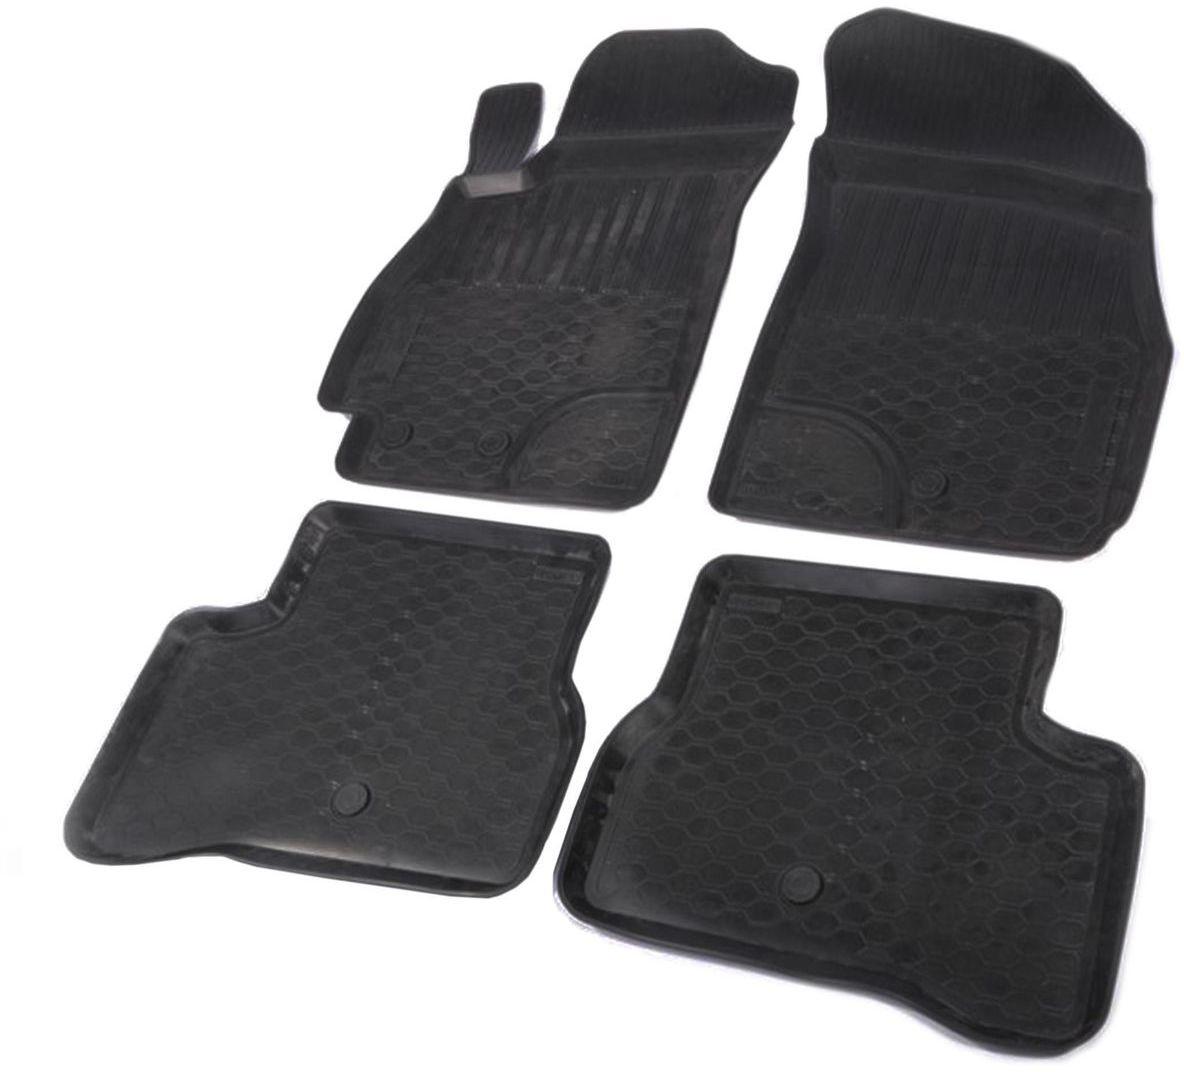 Коврики в салон Rival для Hyundai Accent 2005-2013, с крепежом, полиуритан, 4 шт. 1231100112311001Прочные и долговечные коврики Rival в салон автомобиля, изготовлены из высококачественного и экологичного сырья. Коврики полностью повторяют геометрию салона вашего автомобиля.- Надежная система крепления, позволяющая закрепить коврик на штатные элементы фиксации, в результате чего отсутствует эффект скольжения по салону автомобиля.- Высокая стойкость поверхности к стиранию.- Специализированный рисунок и высокий борт, препятствующие распространению грязи и жидкости по поверхности коврика.- Перемычка задних ковриков в комплекте предотвращает загрязнение тоннеля карданного вала.- Коврики произведены из первичных материалов, в результате чего отсутствует неприятный запах в салоне автомобиля.- Высокая эластичность, можно беспрепятственно эксплуатировать при температуре от -45°C до +45°C. Уважаемые клиенты! Обращаем ваше внимание, что коврики имеют форму, соответствующую модели данного автомобиля. Фото служит для визуального восприятия товара.